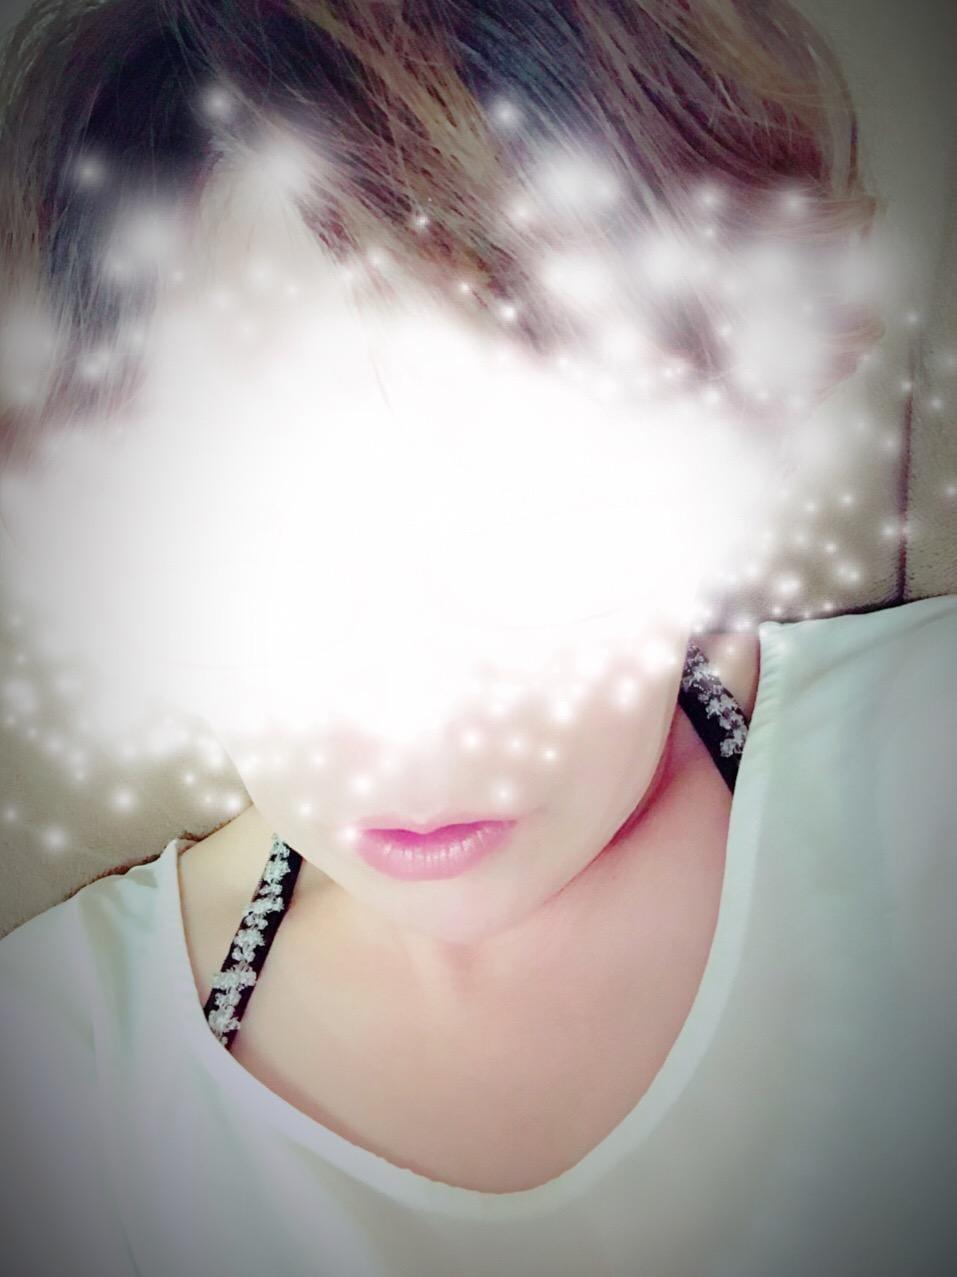 みわこ「こんにちは!」10/12(金) 12:55 | みわこの写メ・風俗動画